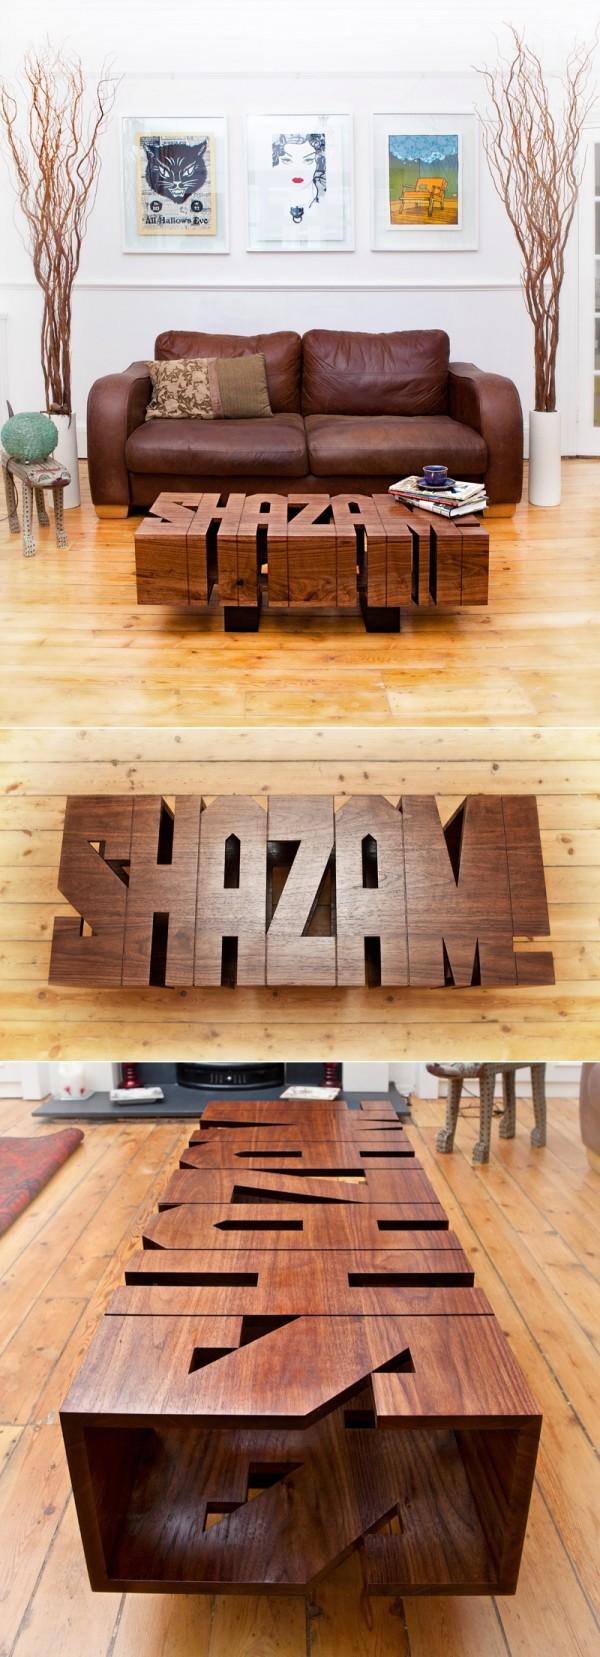 originalni-stolovi-za-dnevni-boravak-13